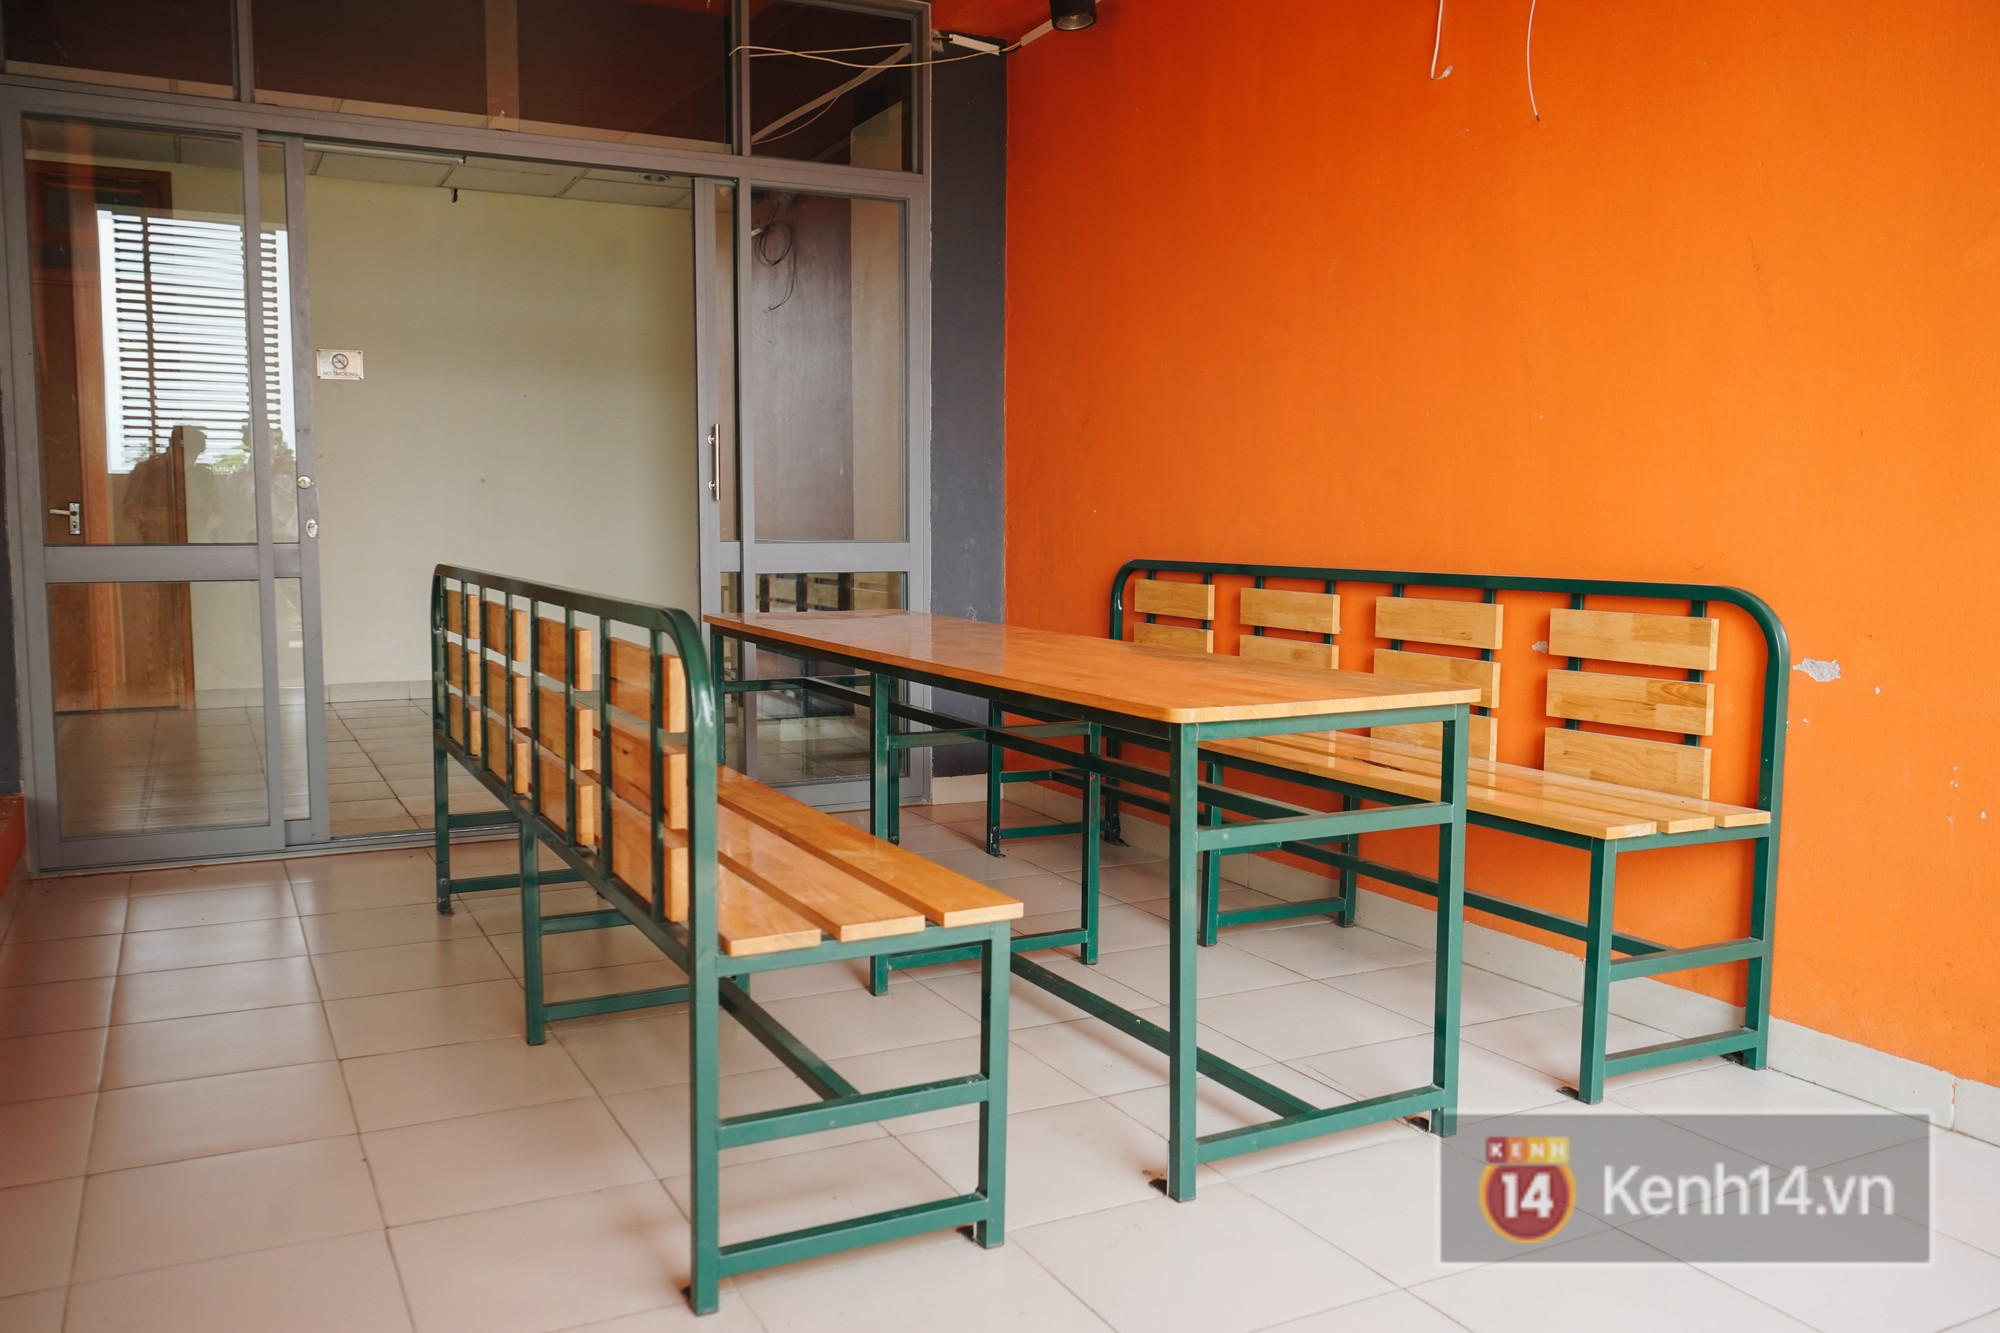 Ghé thăm ký túc xá đại học đẹp nhất nhì Việt Nam, nơi sinh viên hưởng cuộc sống chẳng khác gì ở khách sạn - Ảnh 24.